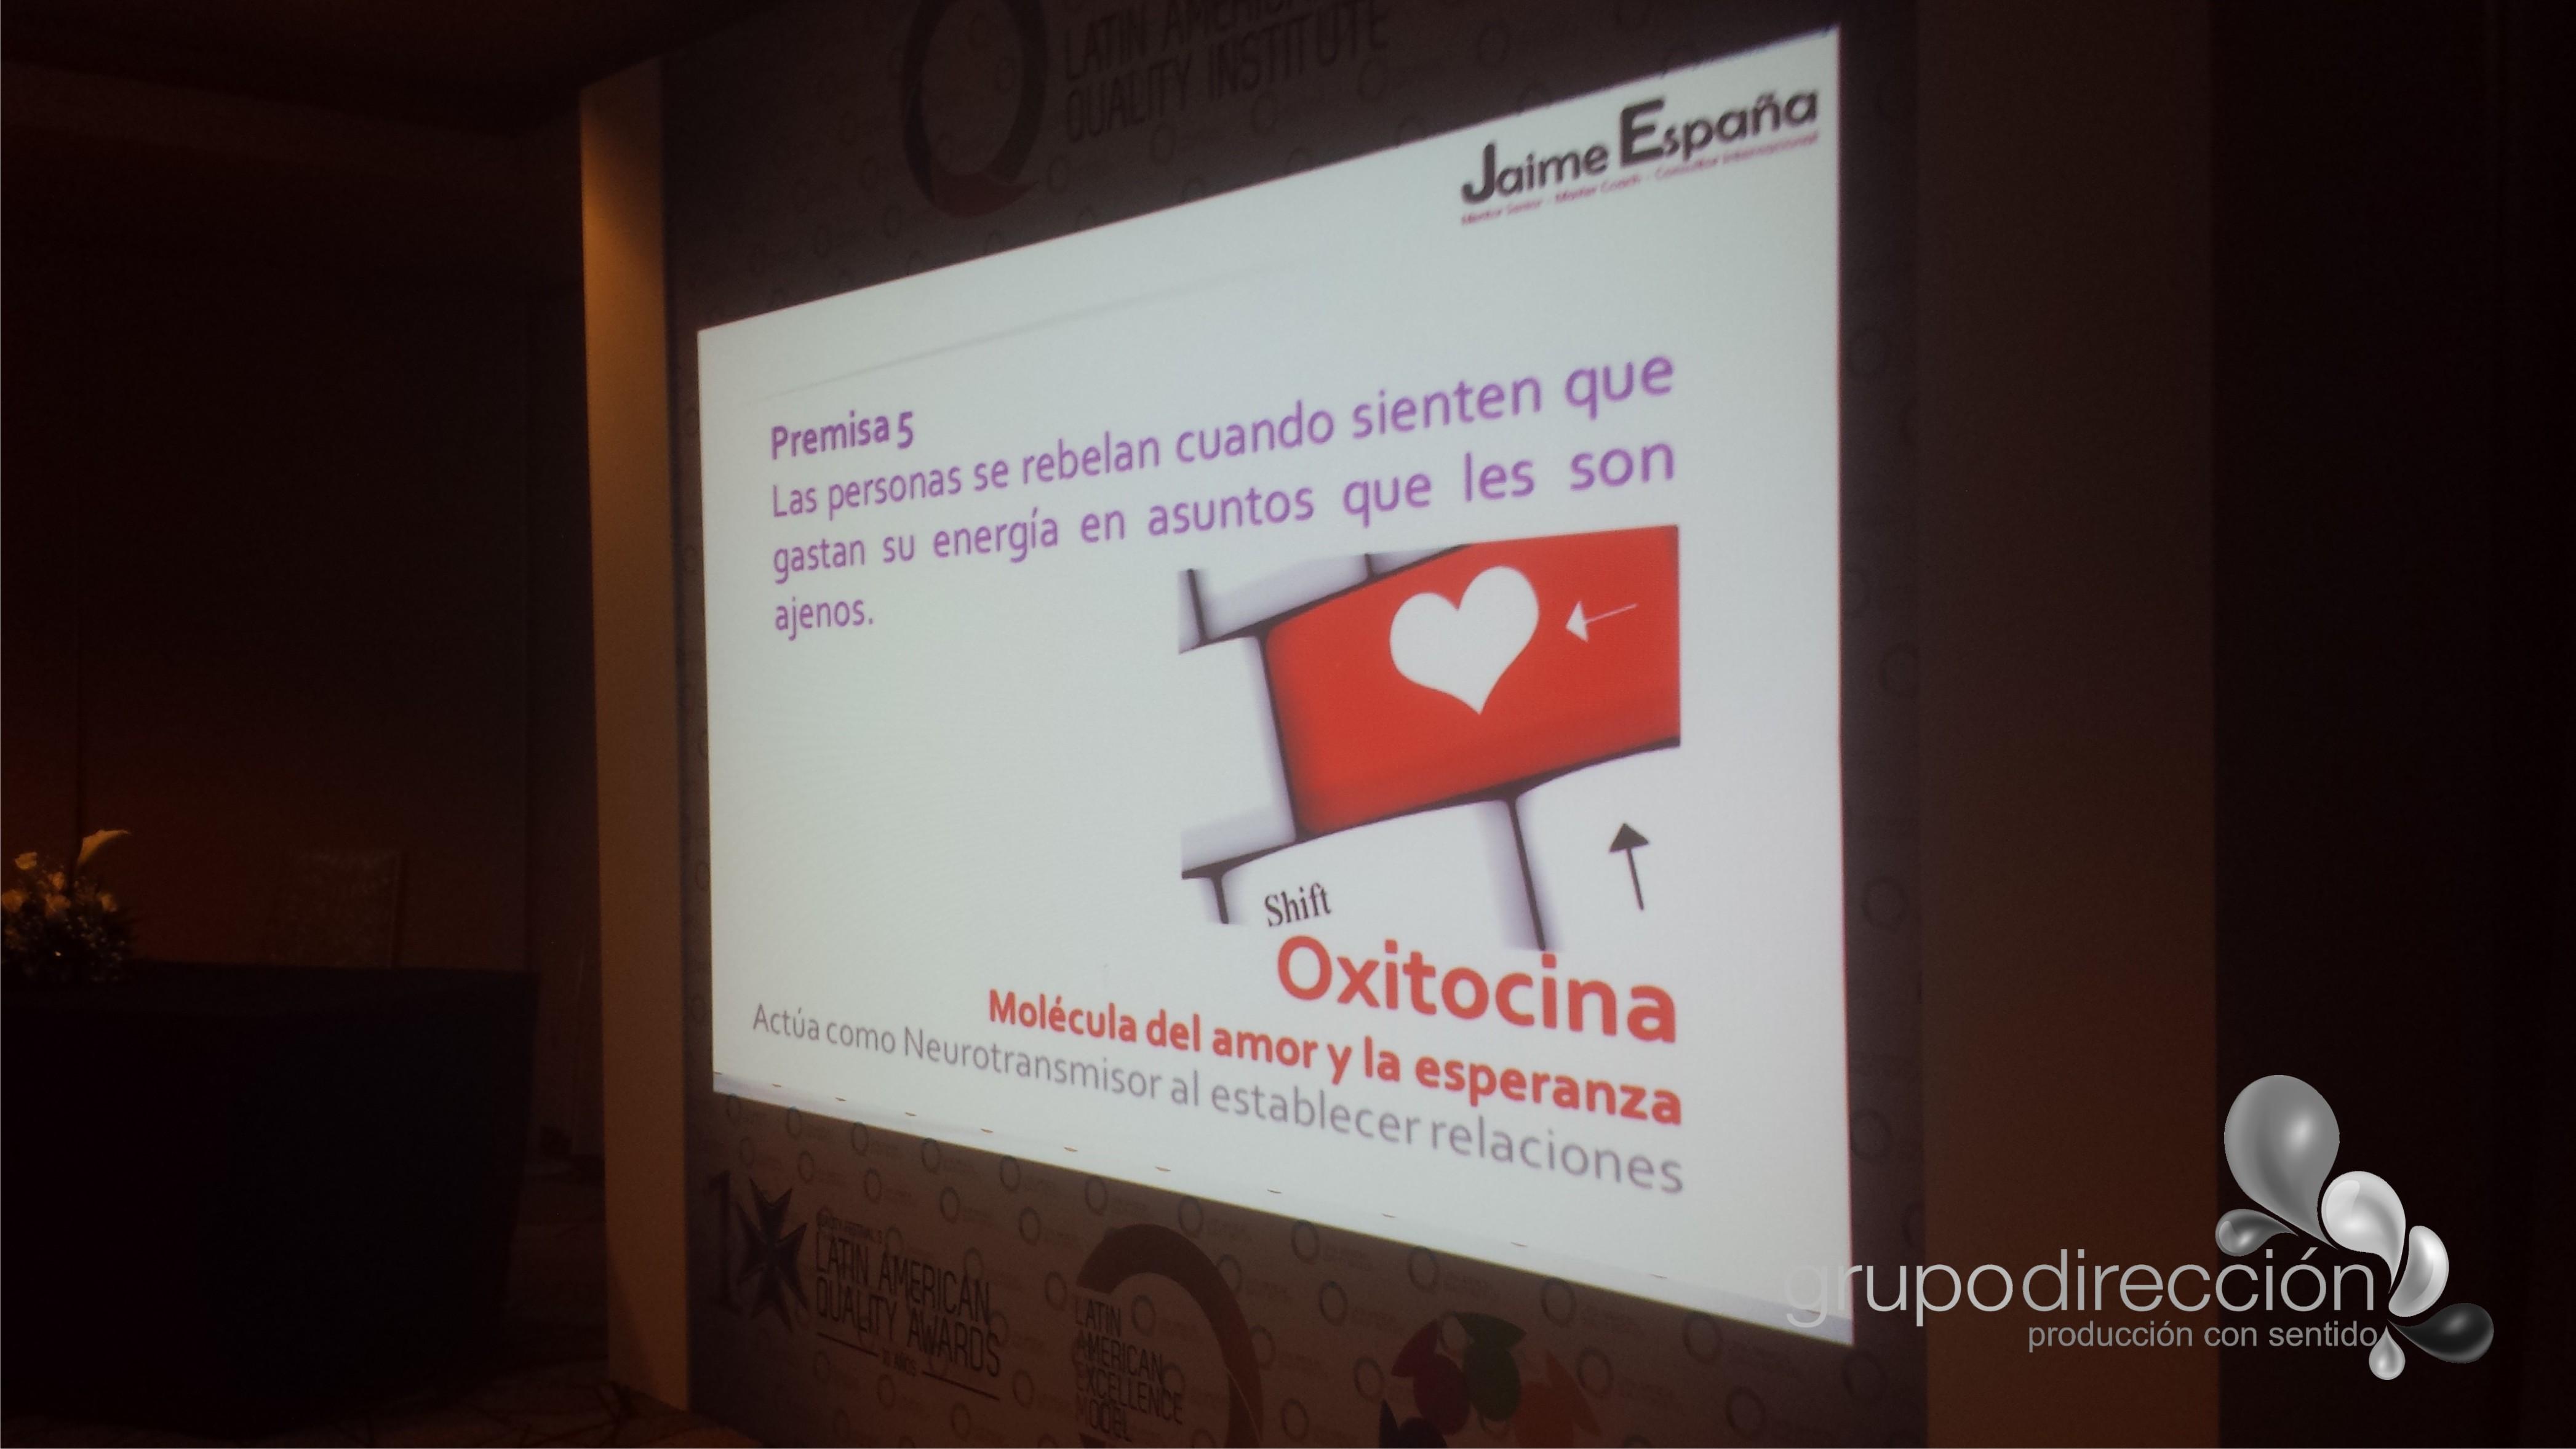 Jaime_España_la_felicidad_responsable_4